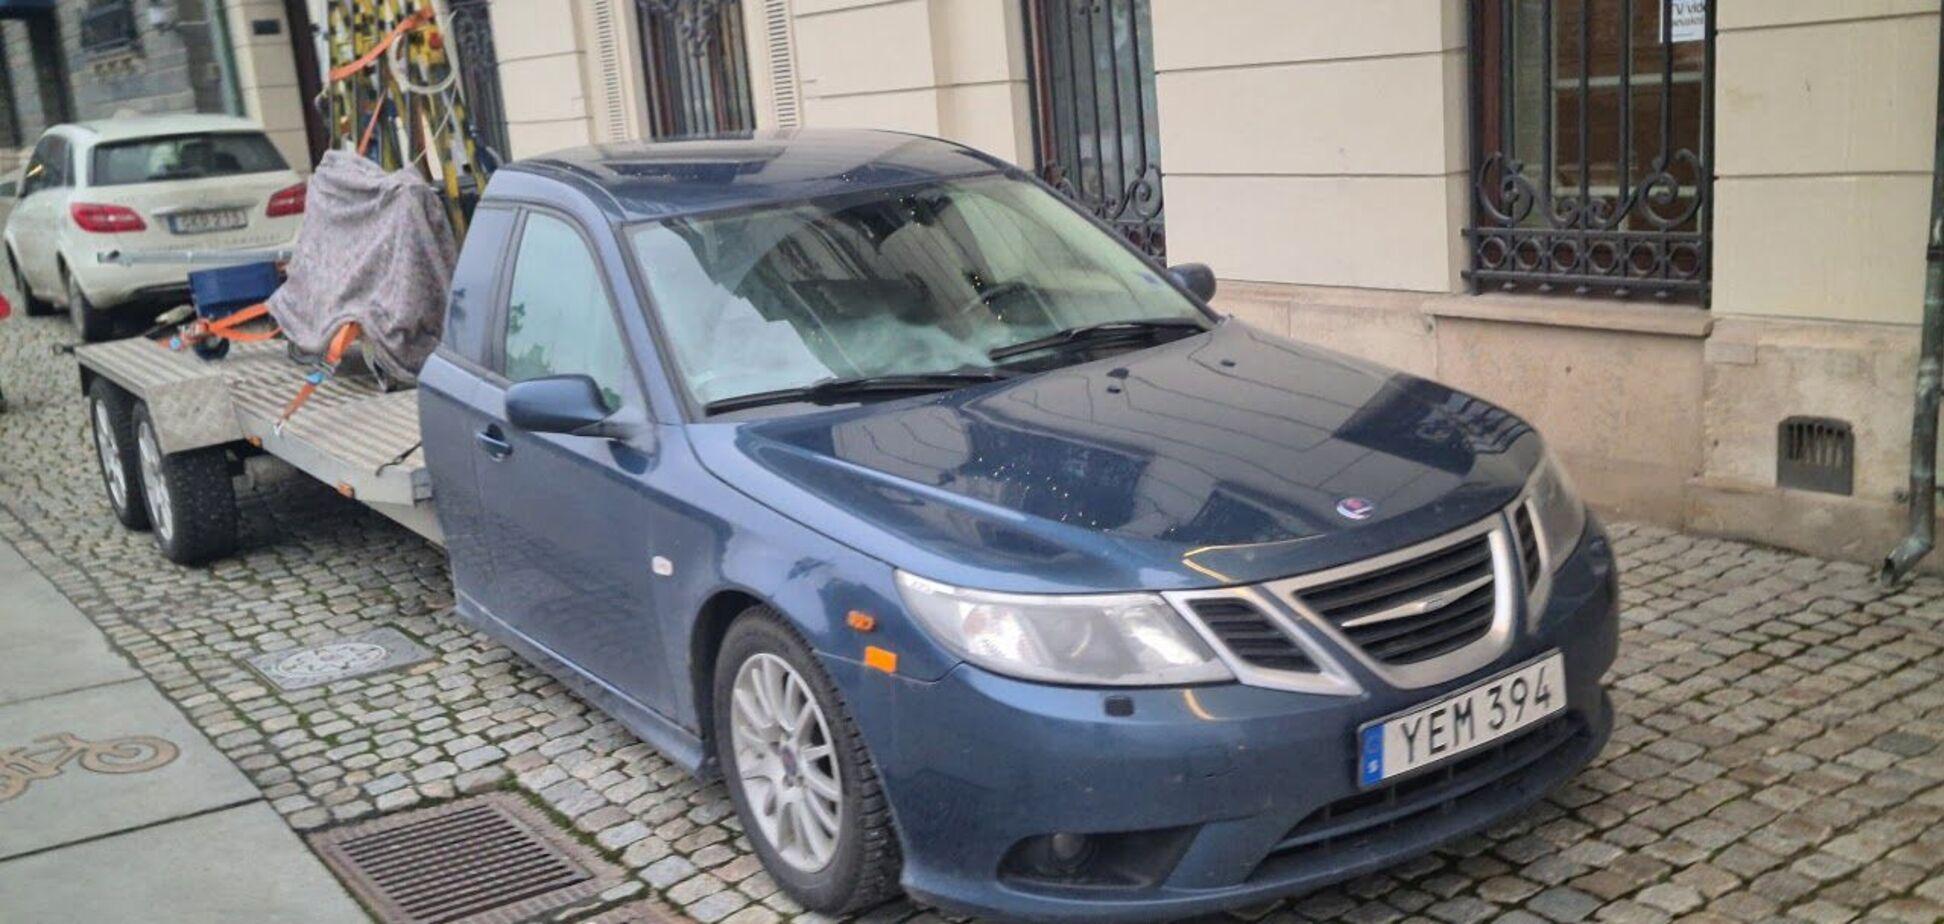 Необычный 6-колесный Saab 9-3 занял место Mercedes S-Class и Audi A8